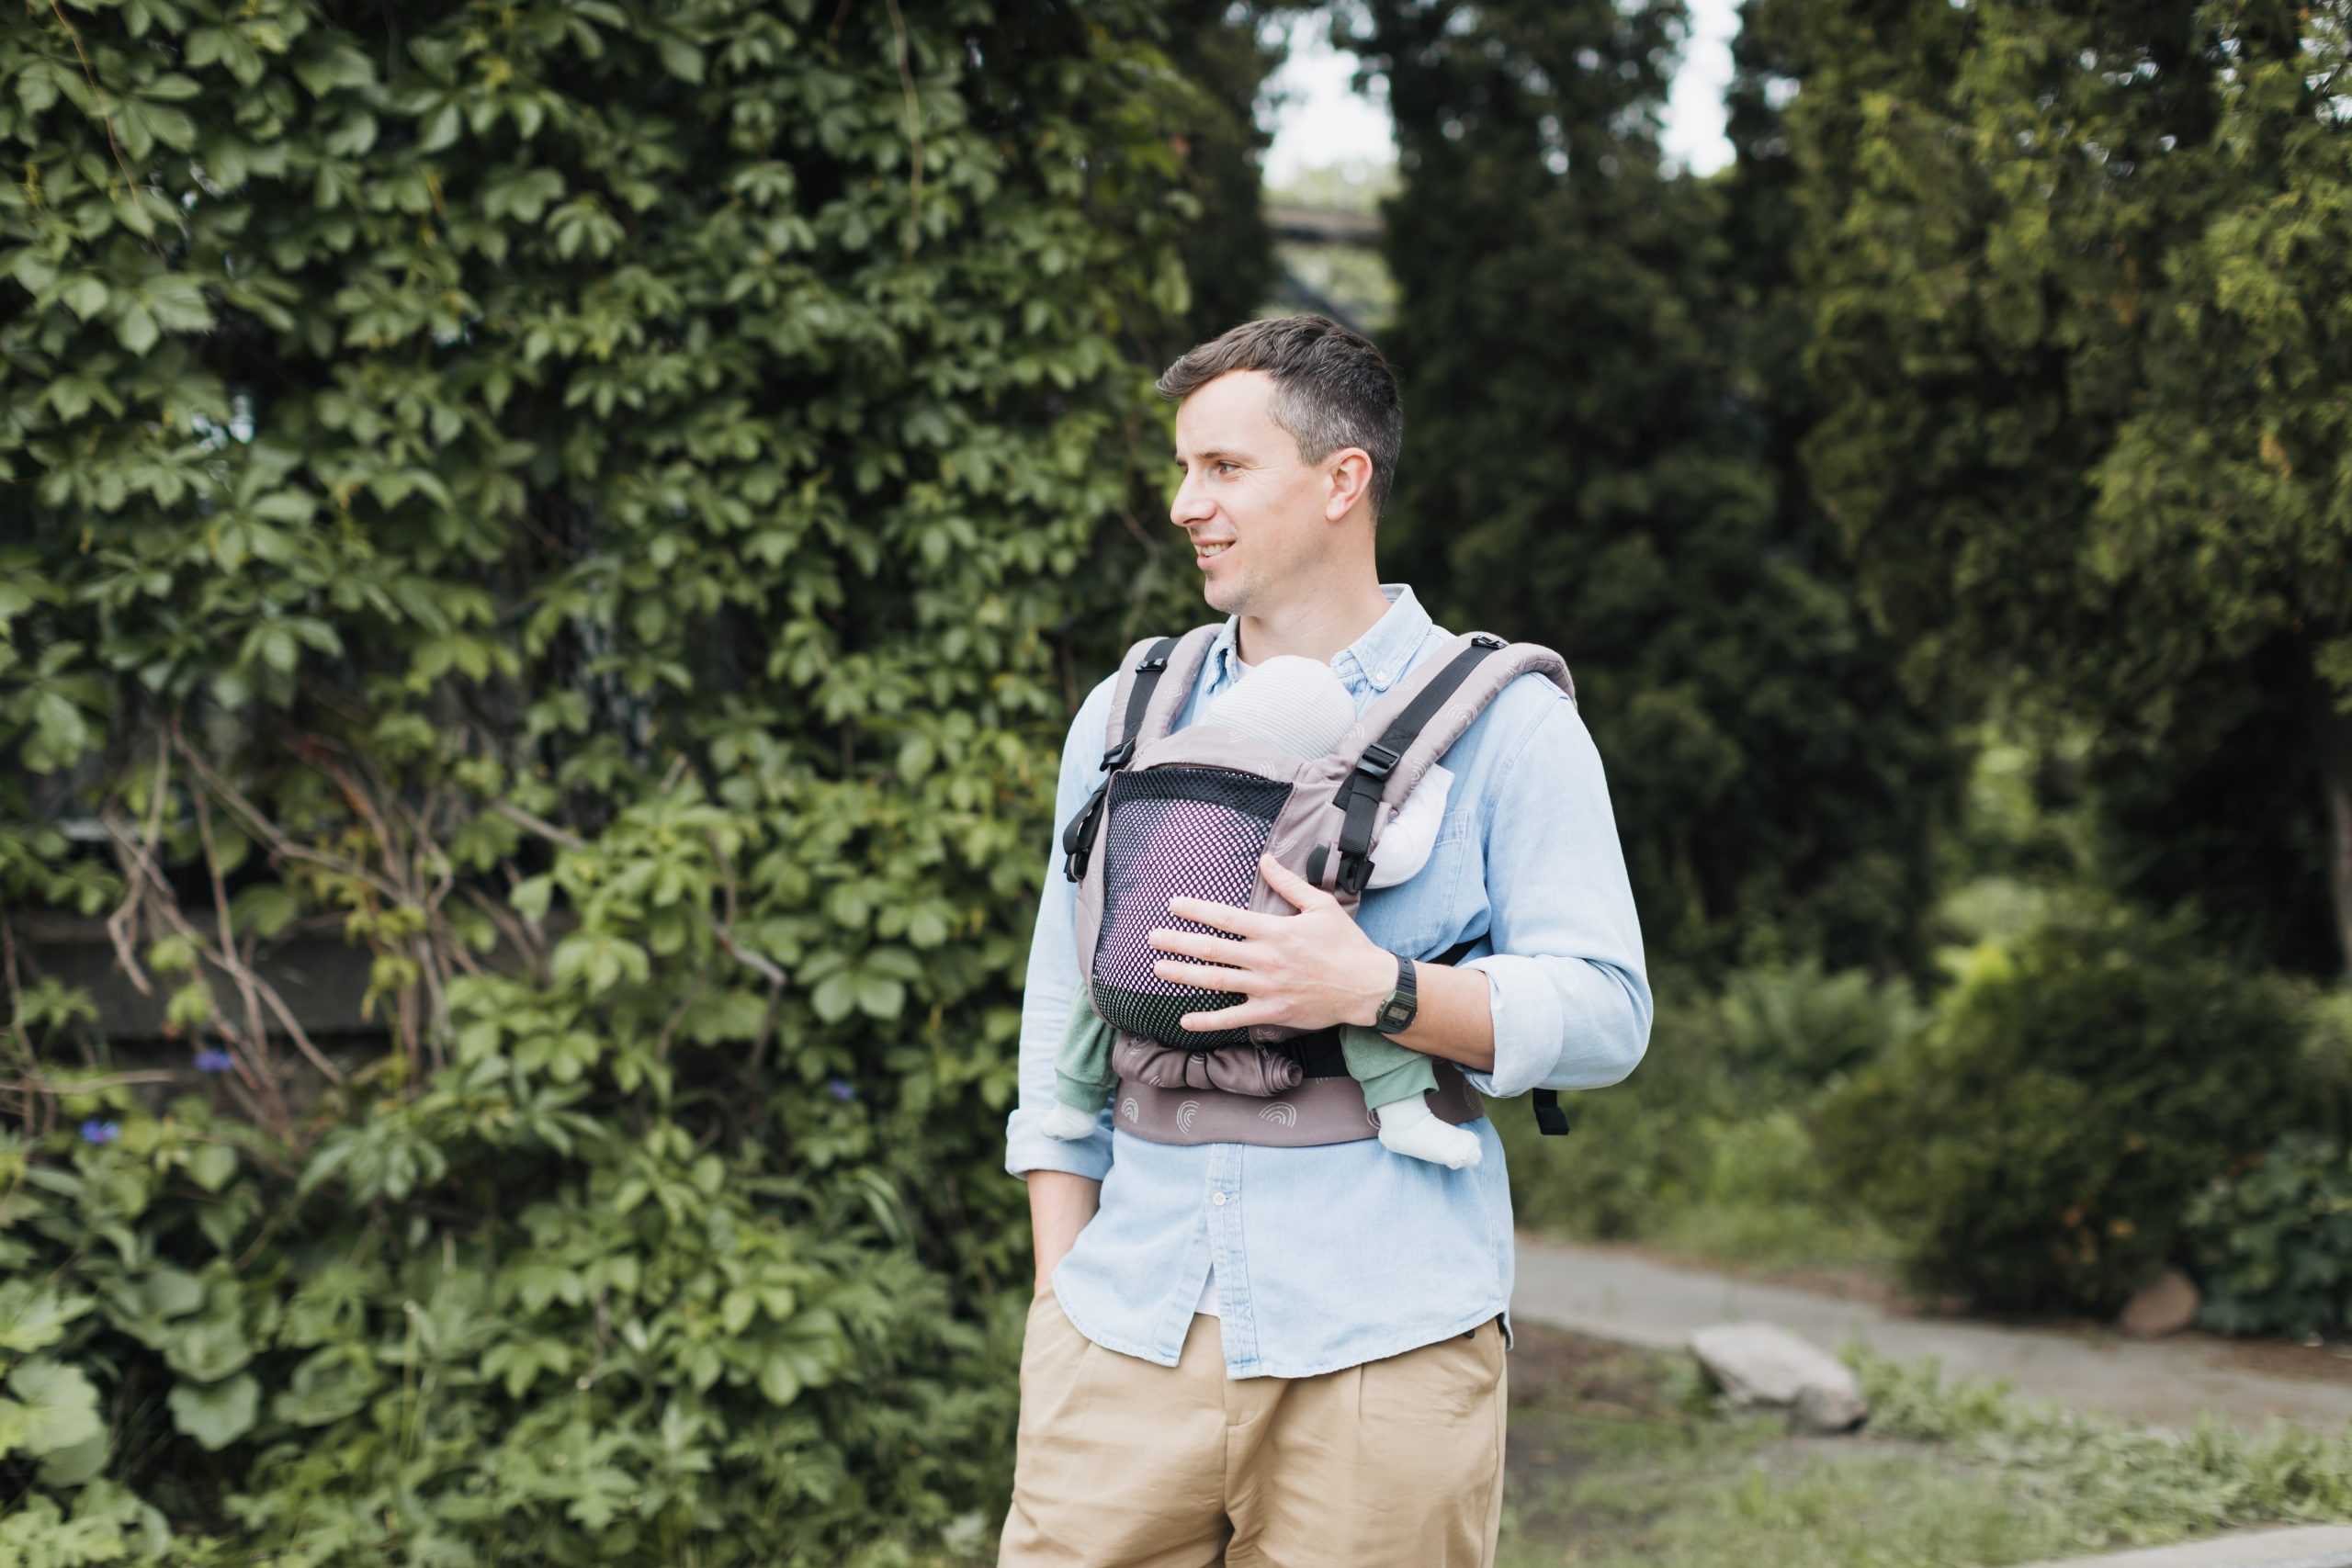 Recenzija Love&Carry 'ONE+ COOL organic nosiljke